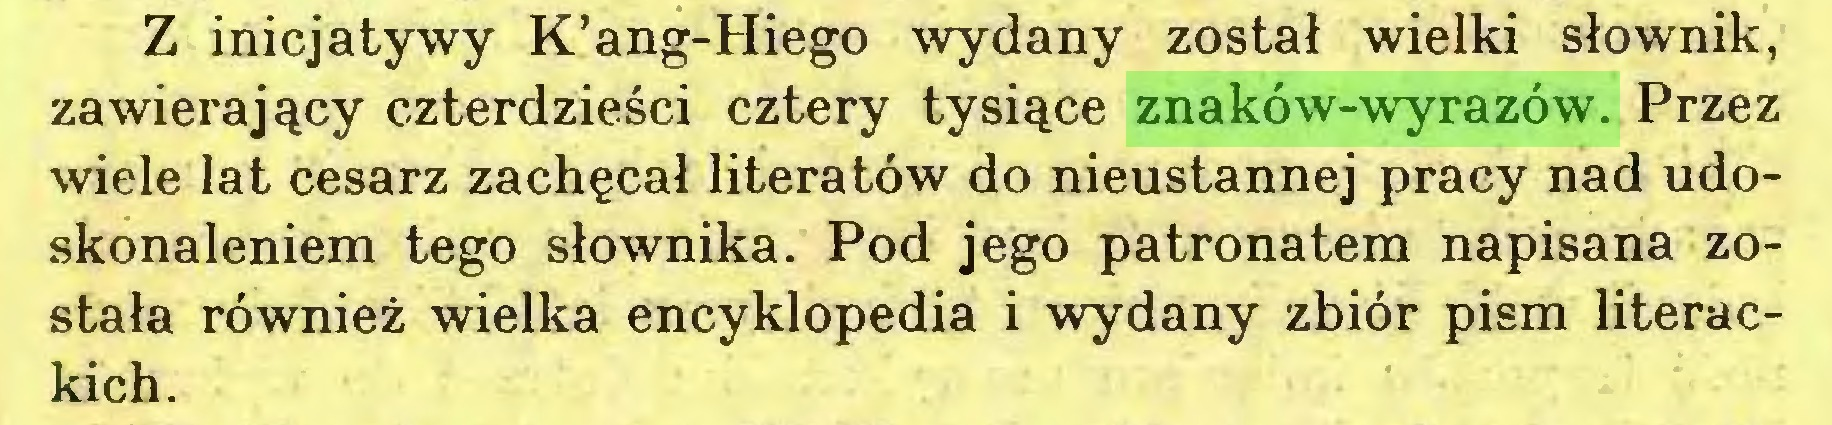 (...) Z inicjatywy K'ang-Hiego wydany został wielki słownik, zawierający czterdzieści cztery tysiące znaków-wyrazów. Przez wiele lat cesarz zachęcał literatów do nieustannej pracy nad udoskonaleniem tego słownika. Pod jego patronatem napisana została również wielka encyklopedia i wydany zbiór pism literackich...